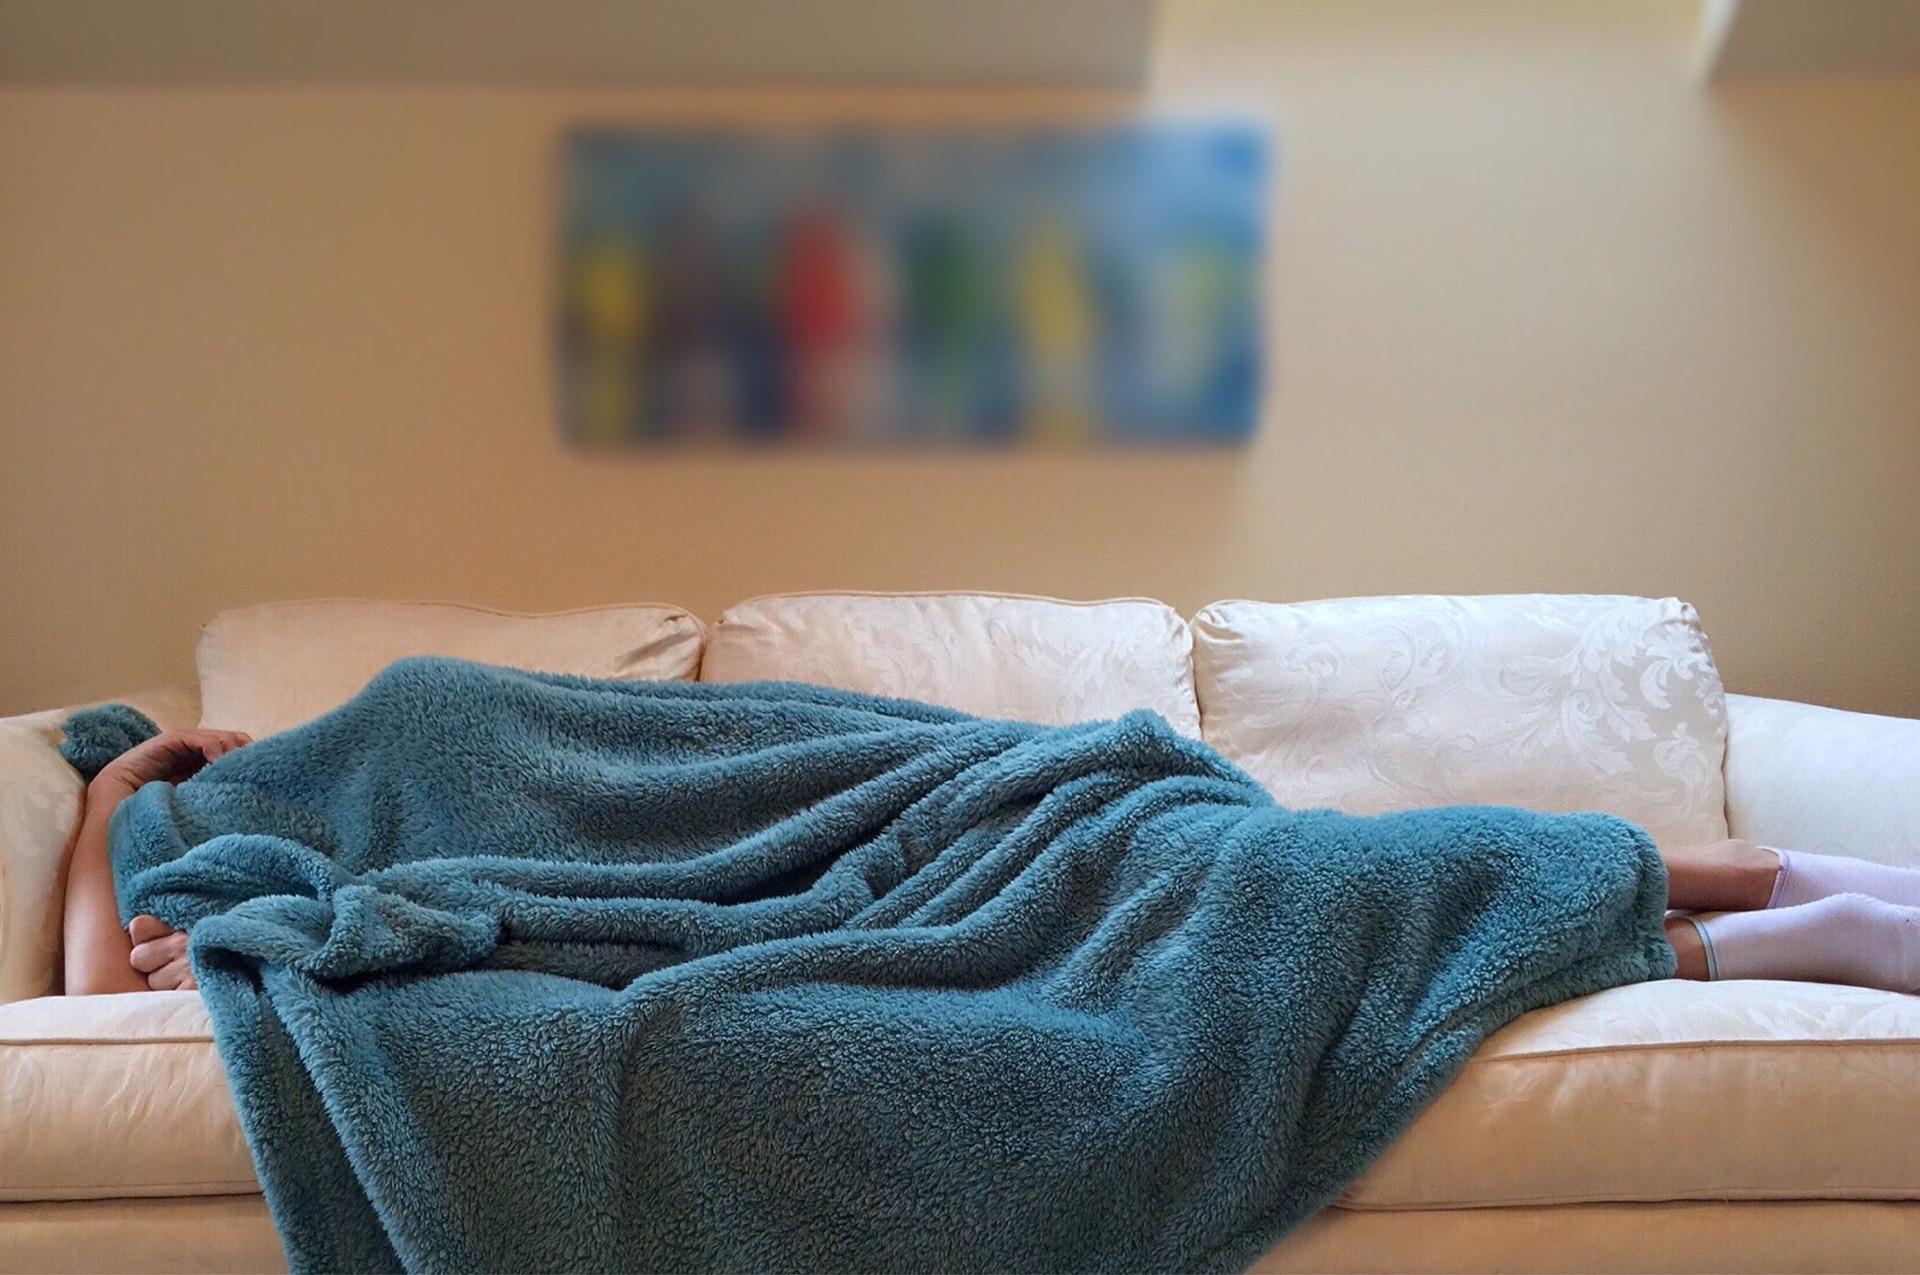 Ροχαλητό – Εξόριστη στον καναπέ